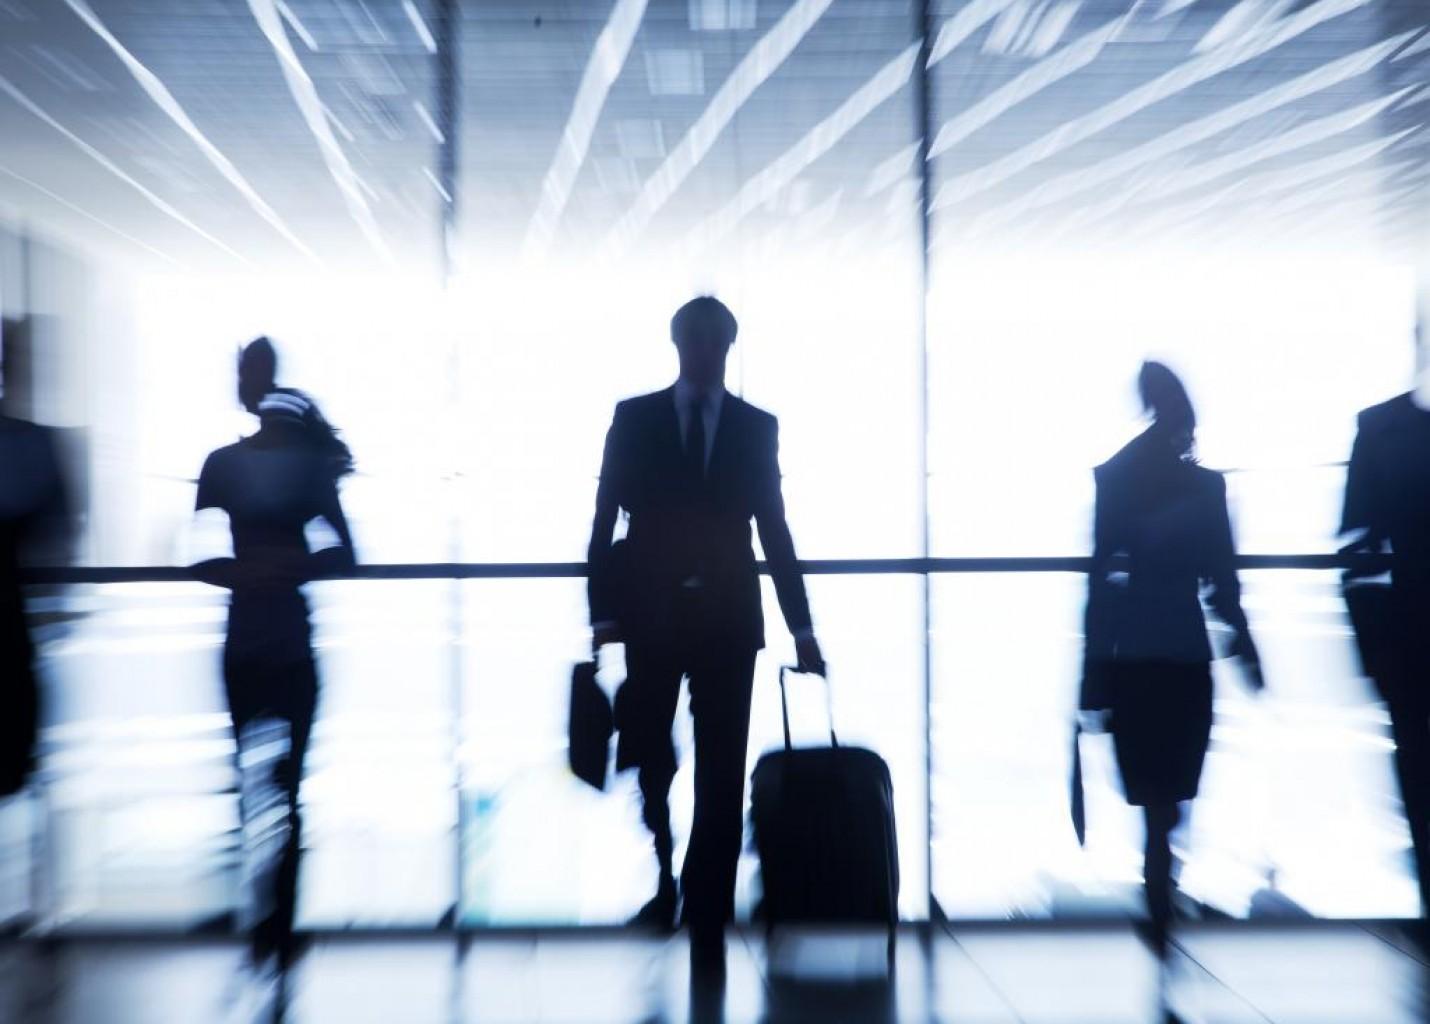 Brasil aparece no Top 10 dos países que mais gastaram com viagens corporativas